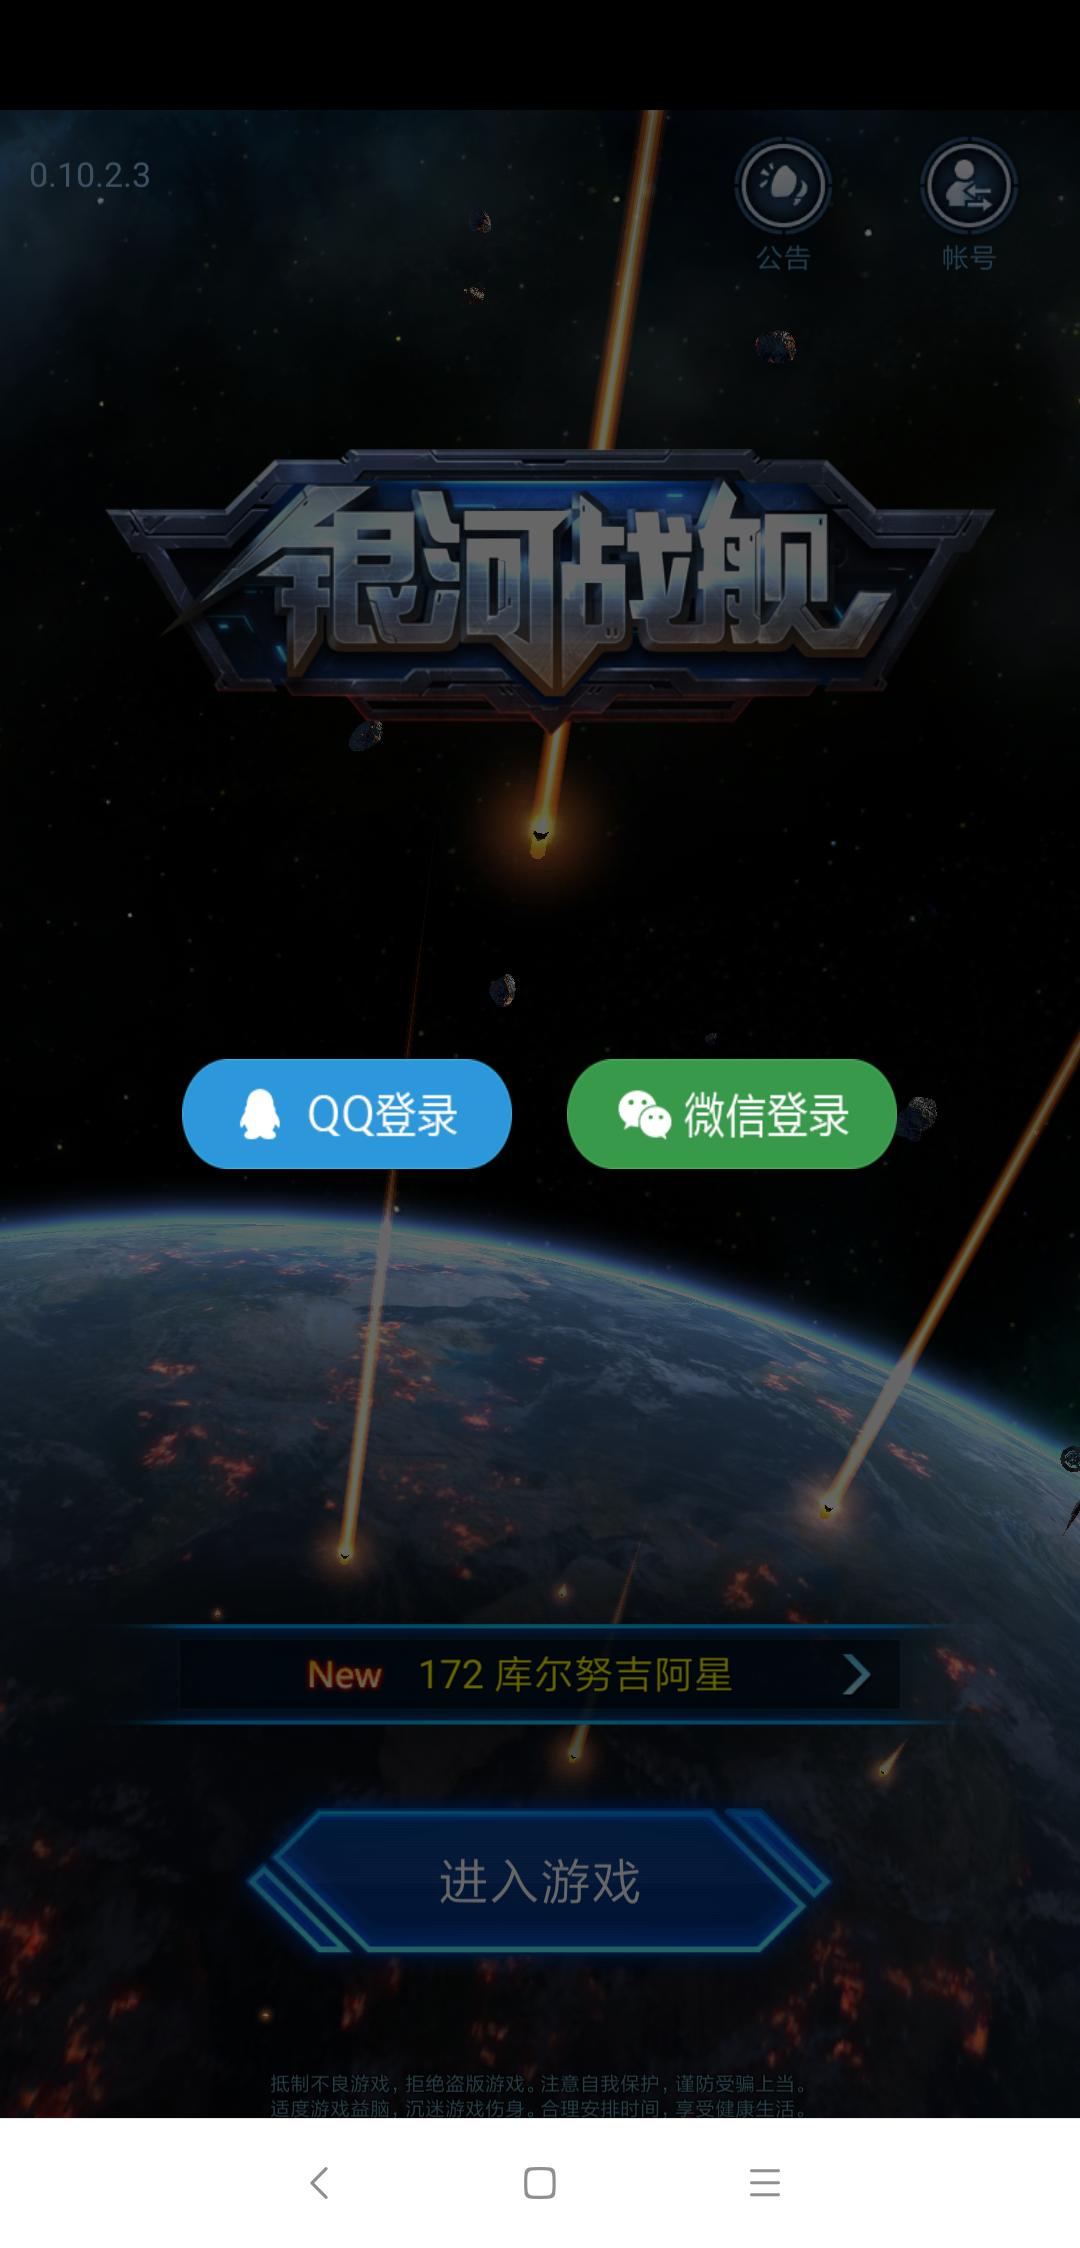 Screenshot_2019-03-23-16-44-04-051_com.tencent.tmgp.p16s.png